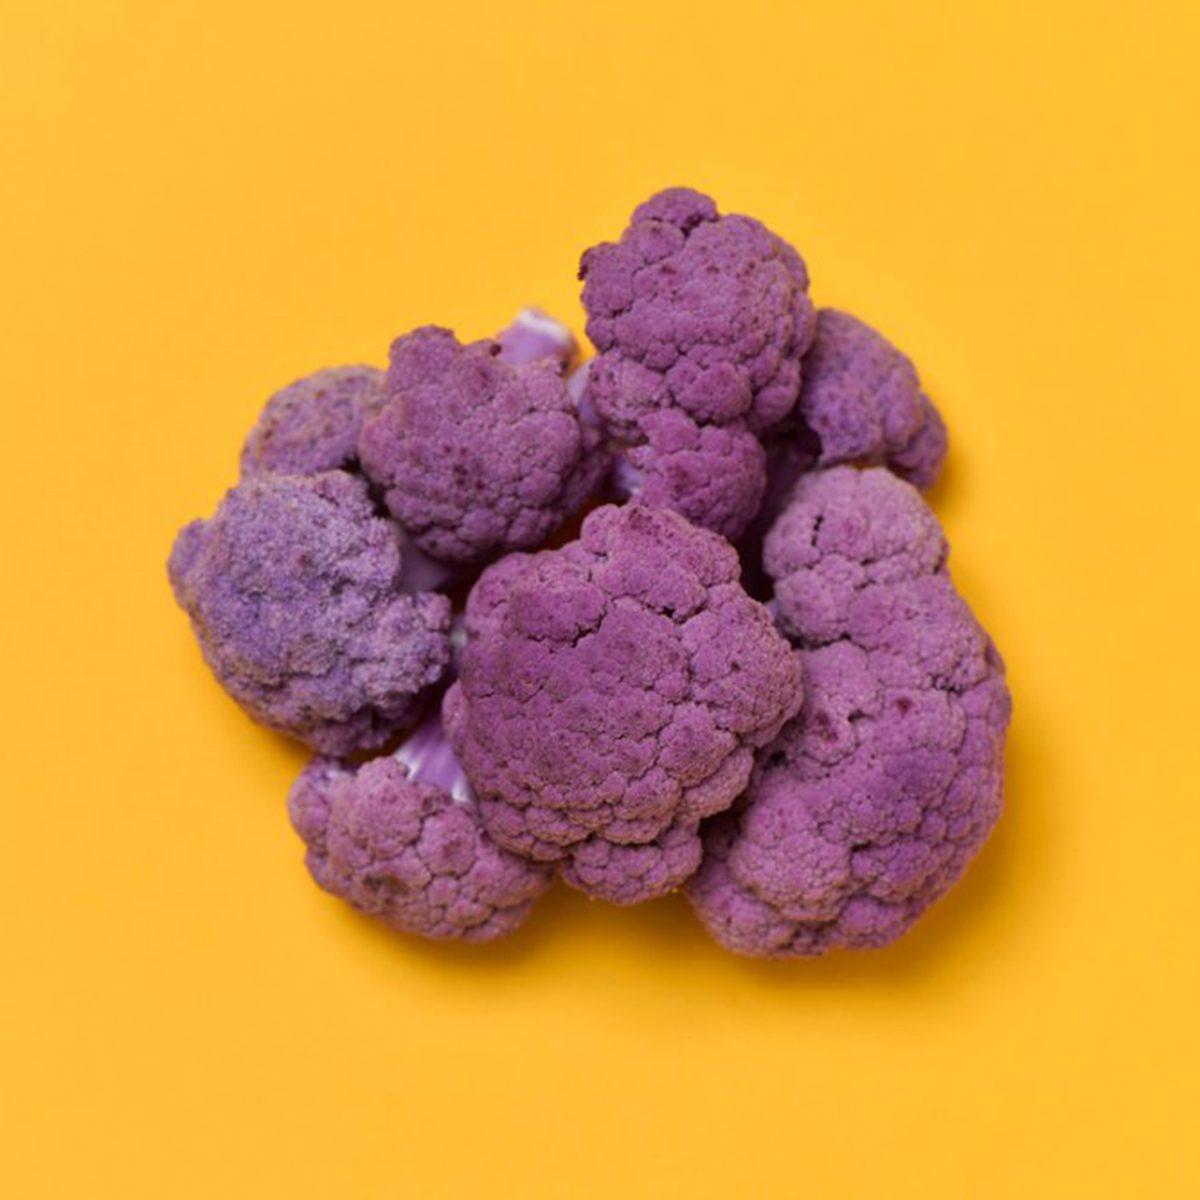 Purple cauliflower on orange background